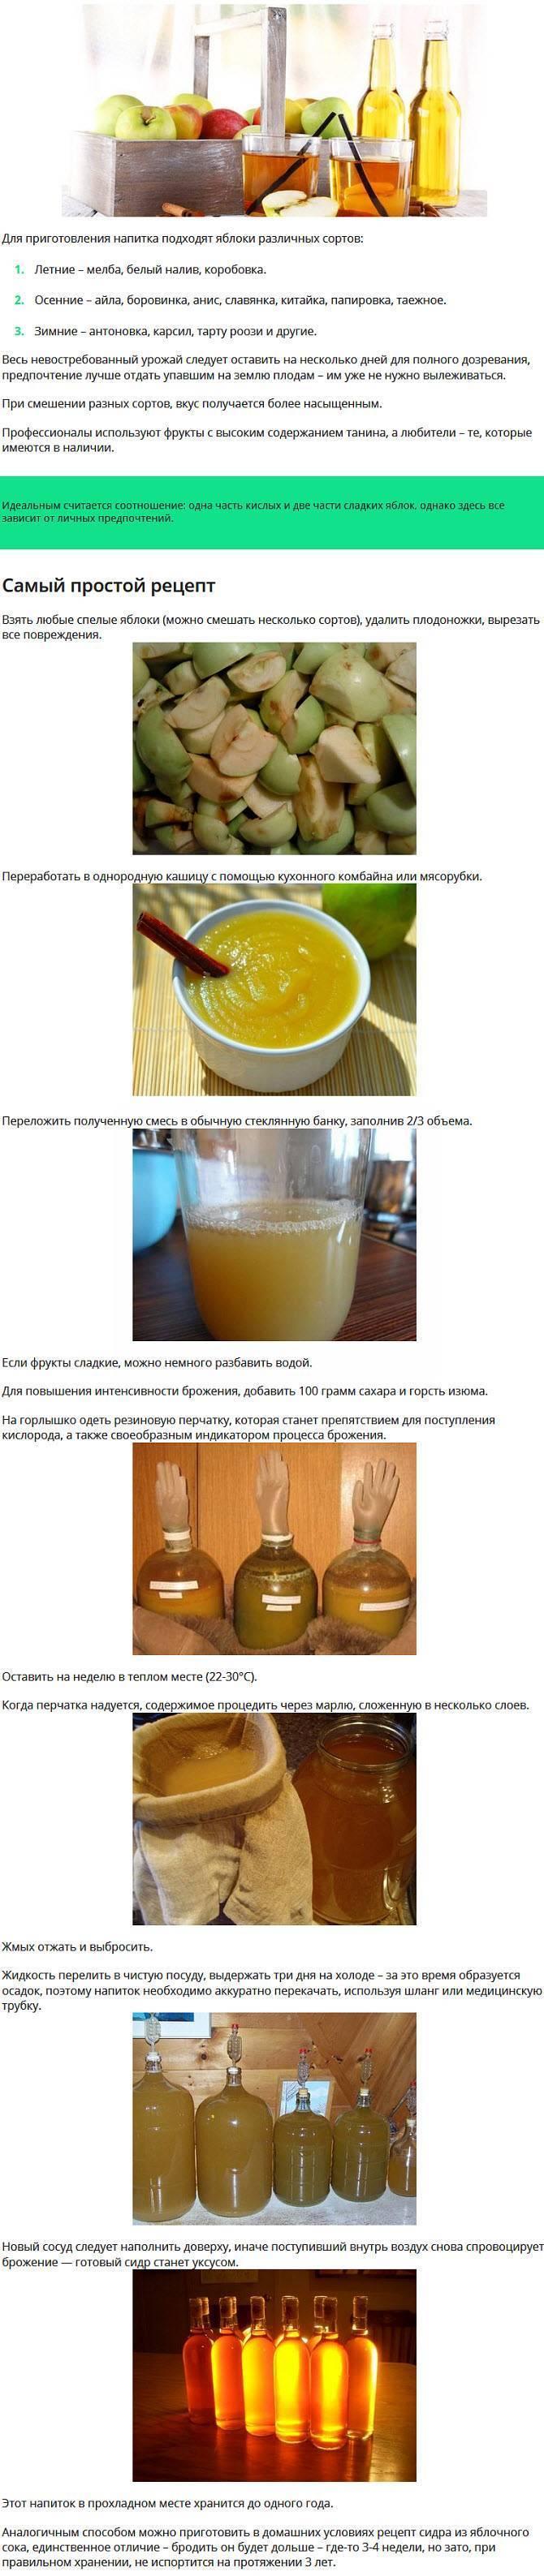 Изготовление вина по старинным рецептам (проверено мамой)